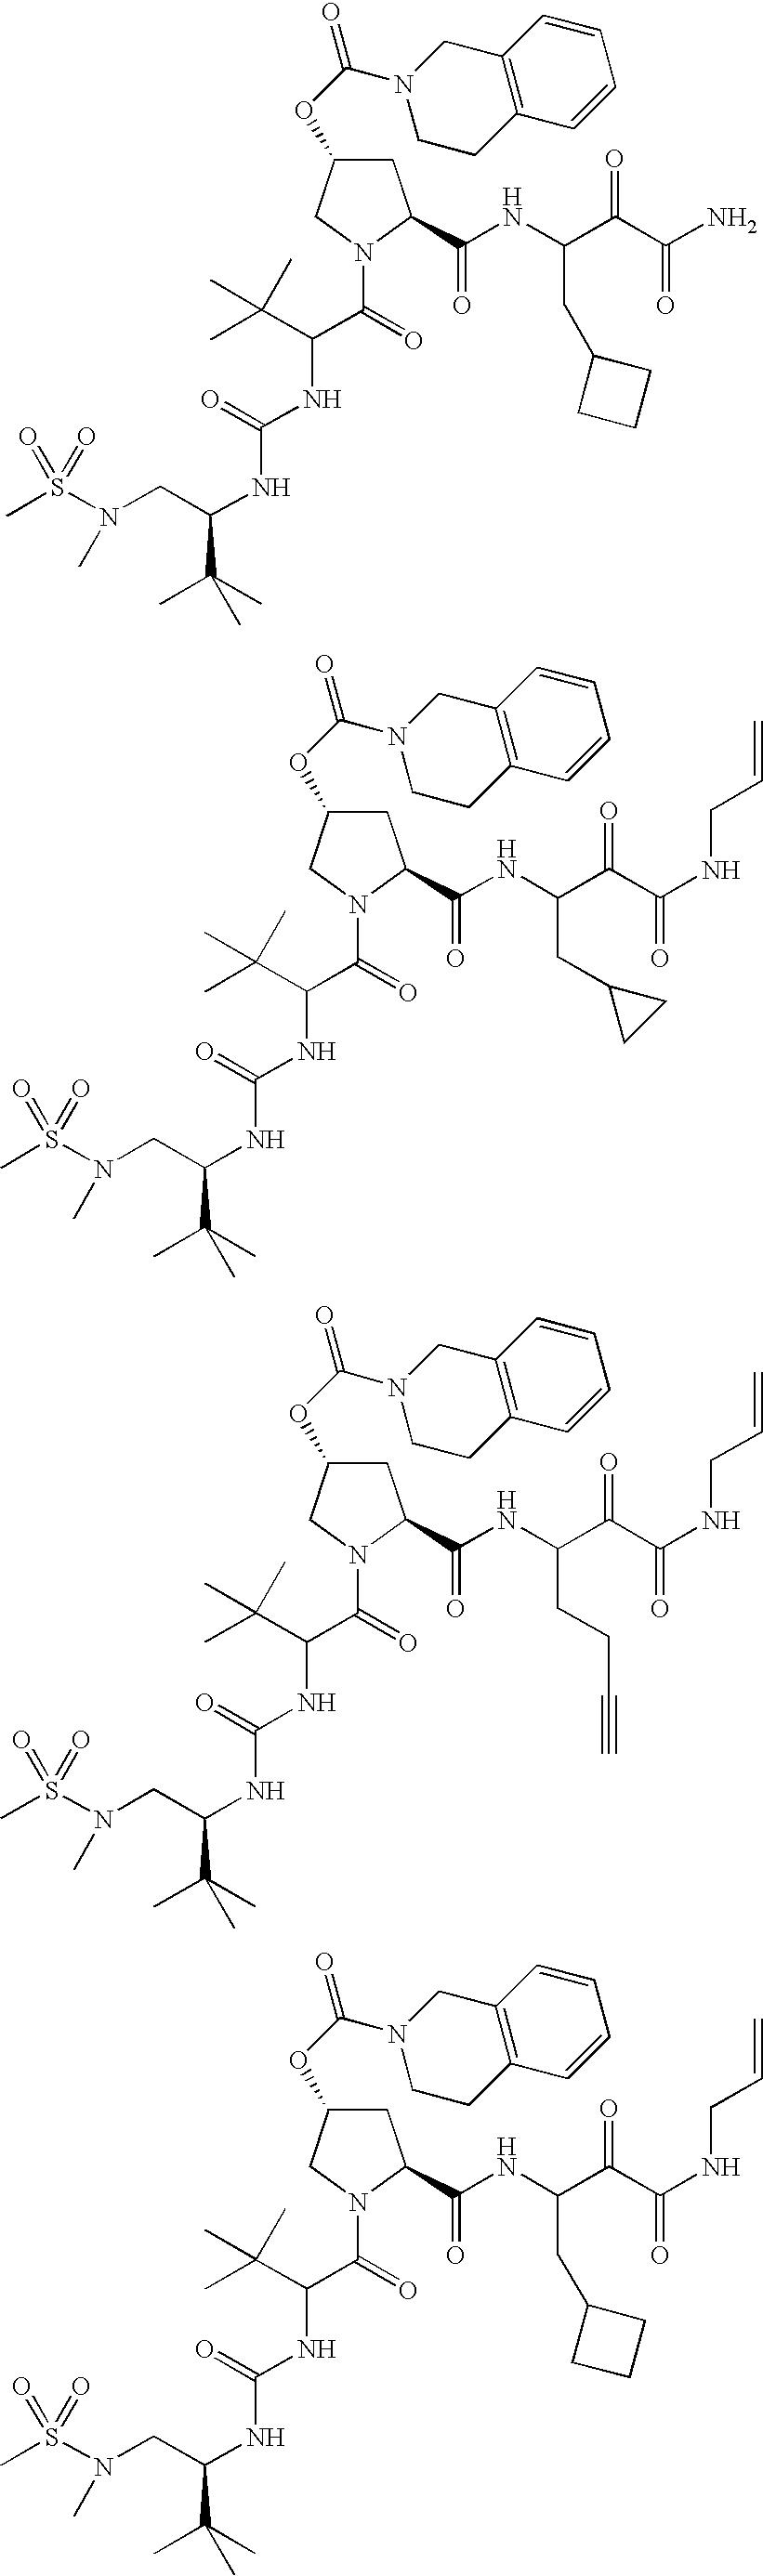 Figure US20060287248A1-20061221-C00575